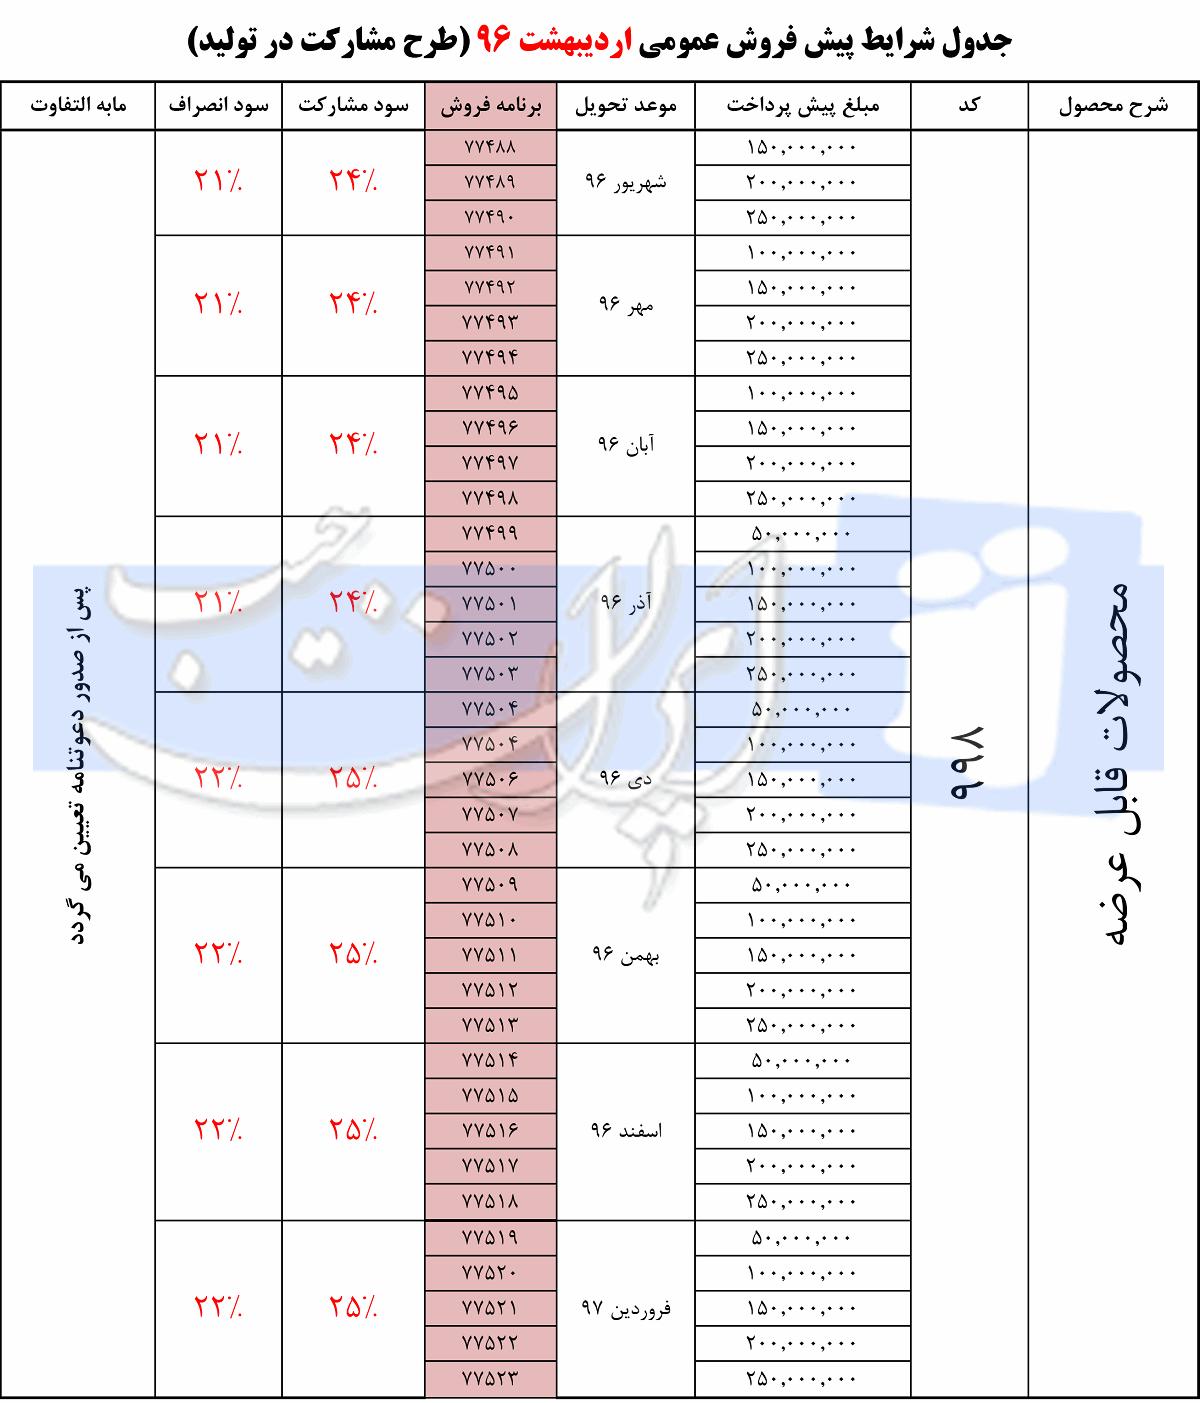 پیش فروش عمومی محصولات ایران خودرو با سود مشارکت 25 درصد - اردیبهشت 96